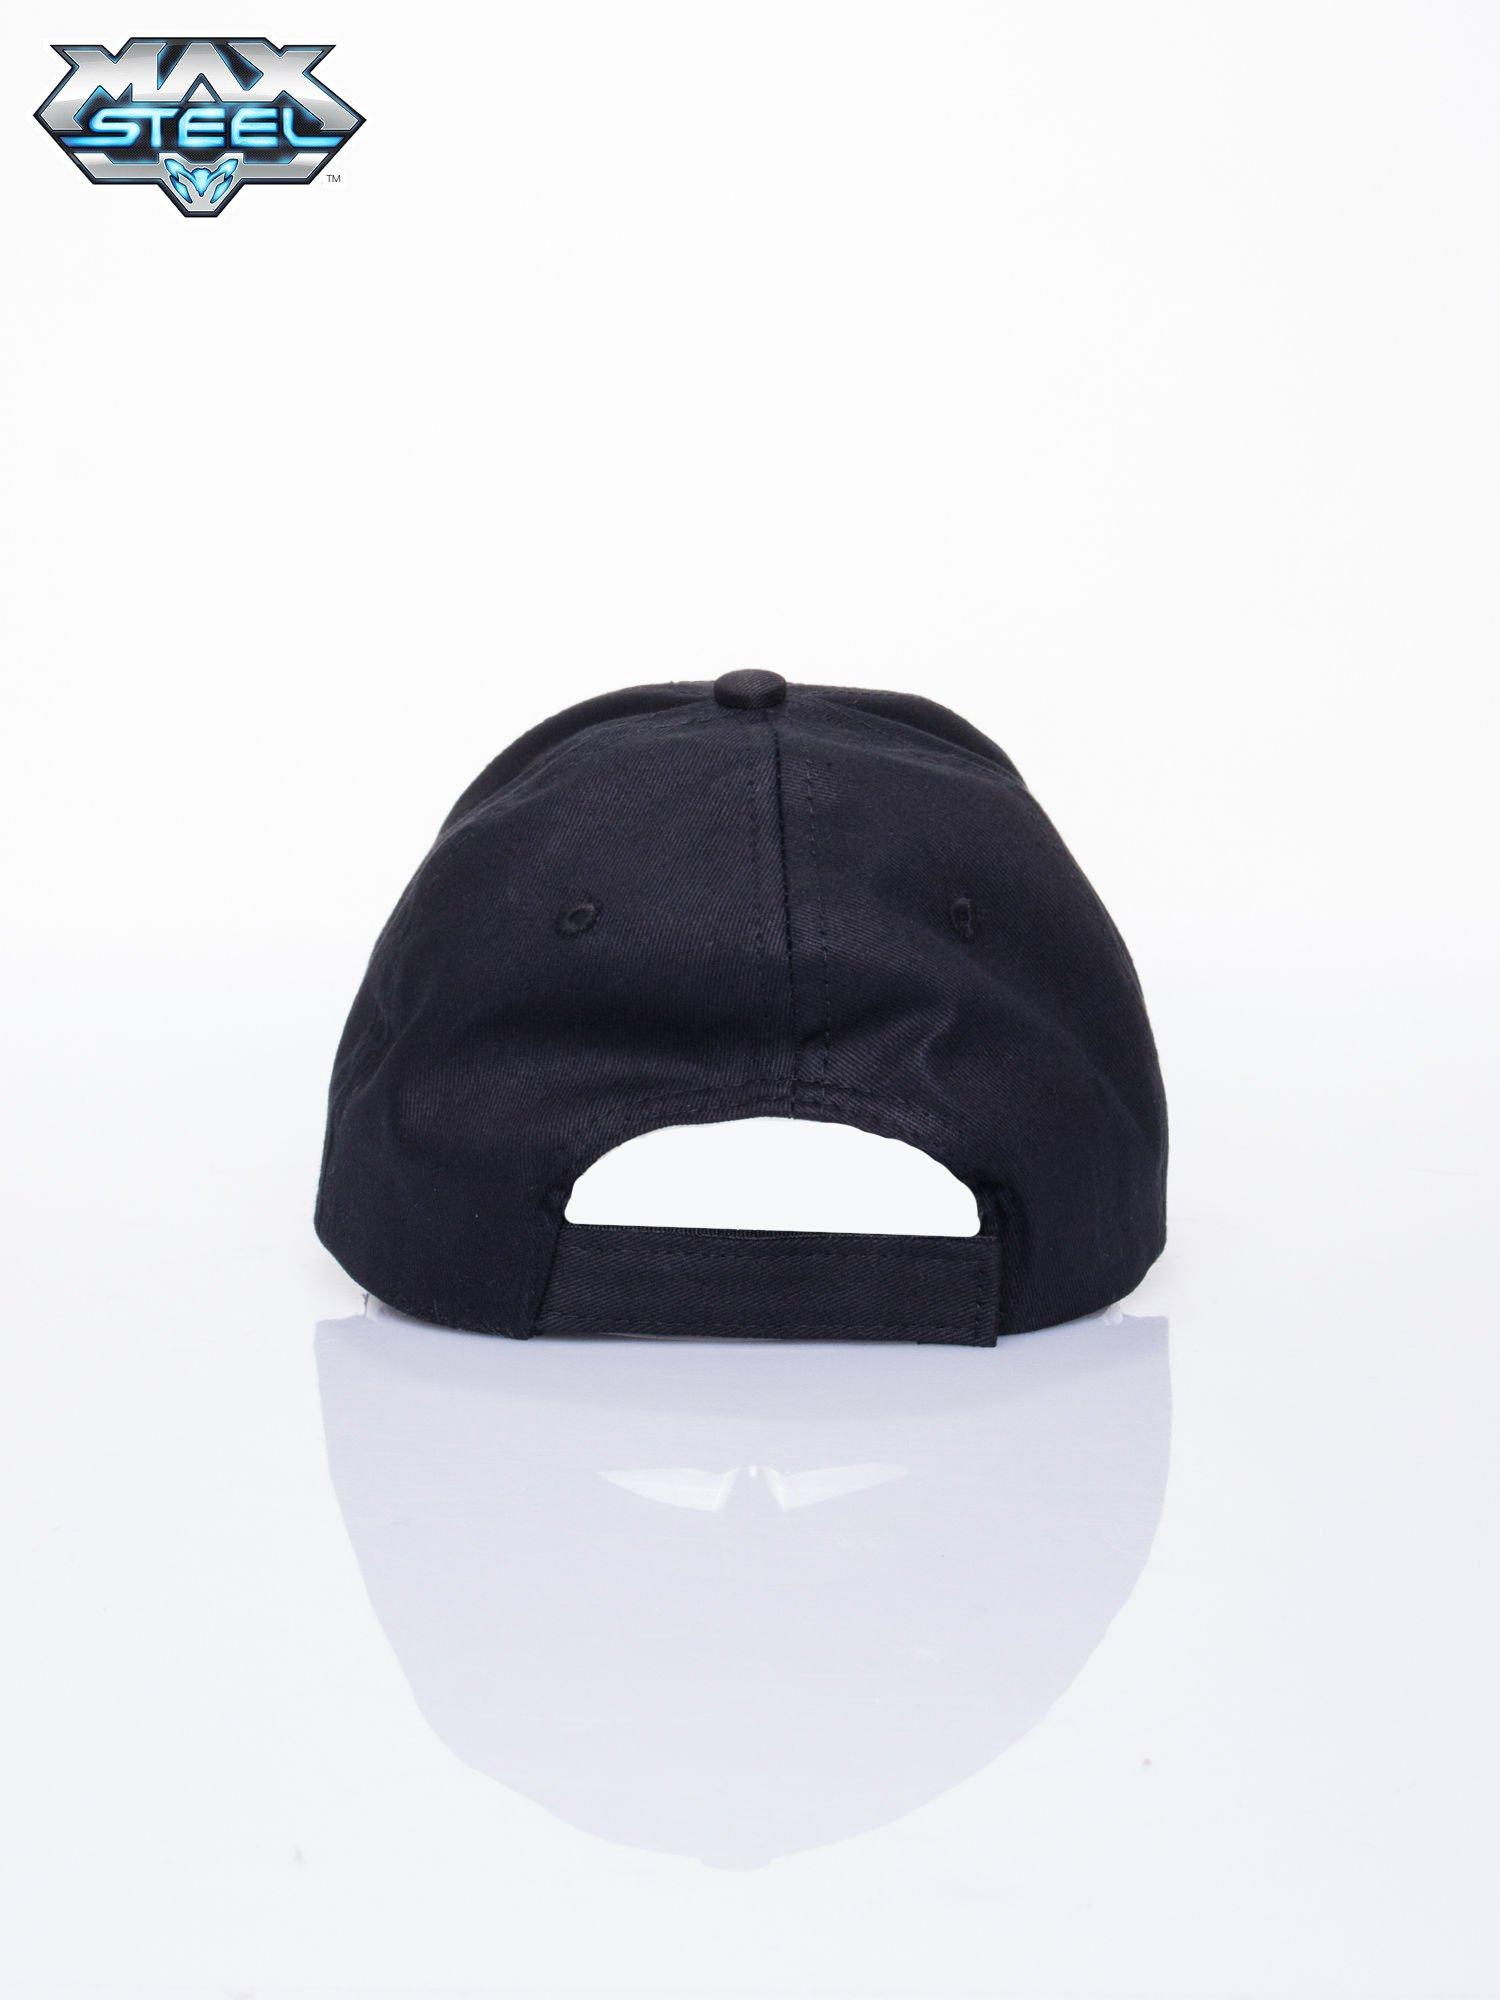 Czarna chłopięca czapka z daszkiem MAX STEEL                                  zdj.                                  3